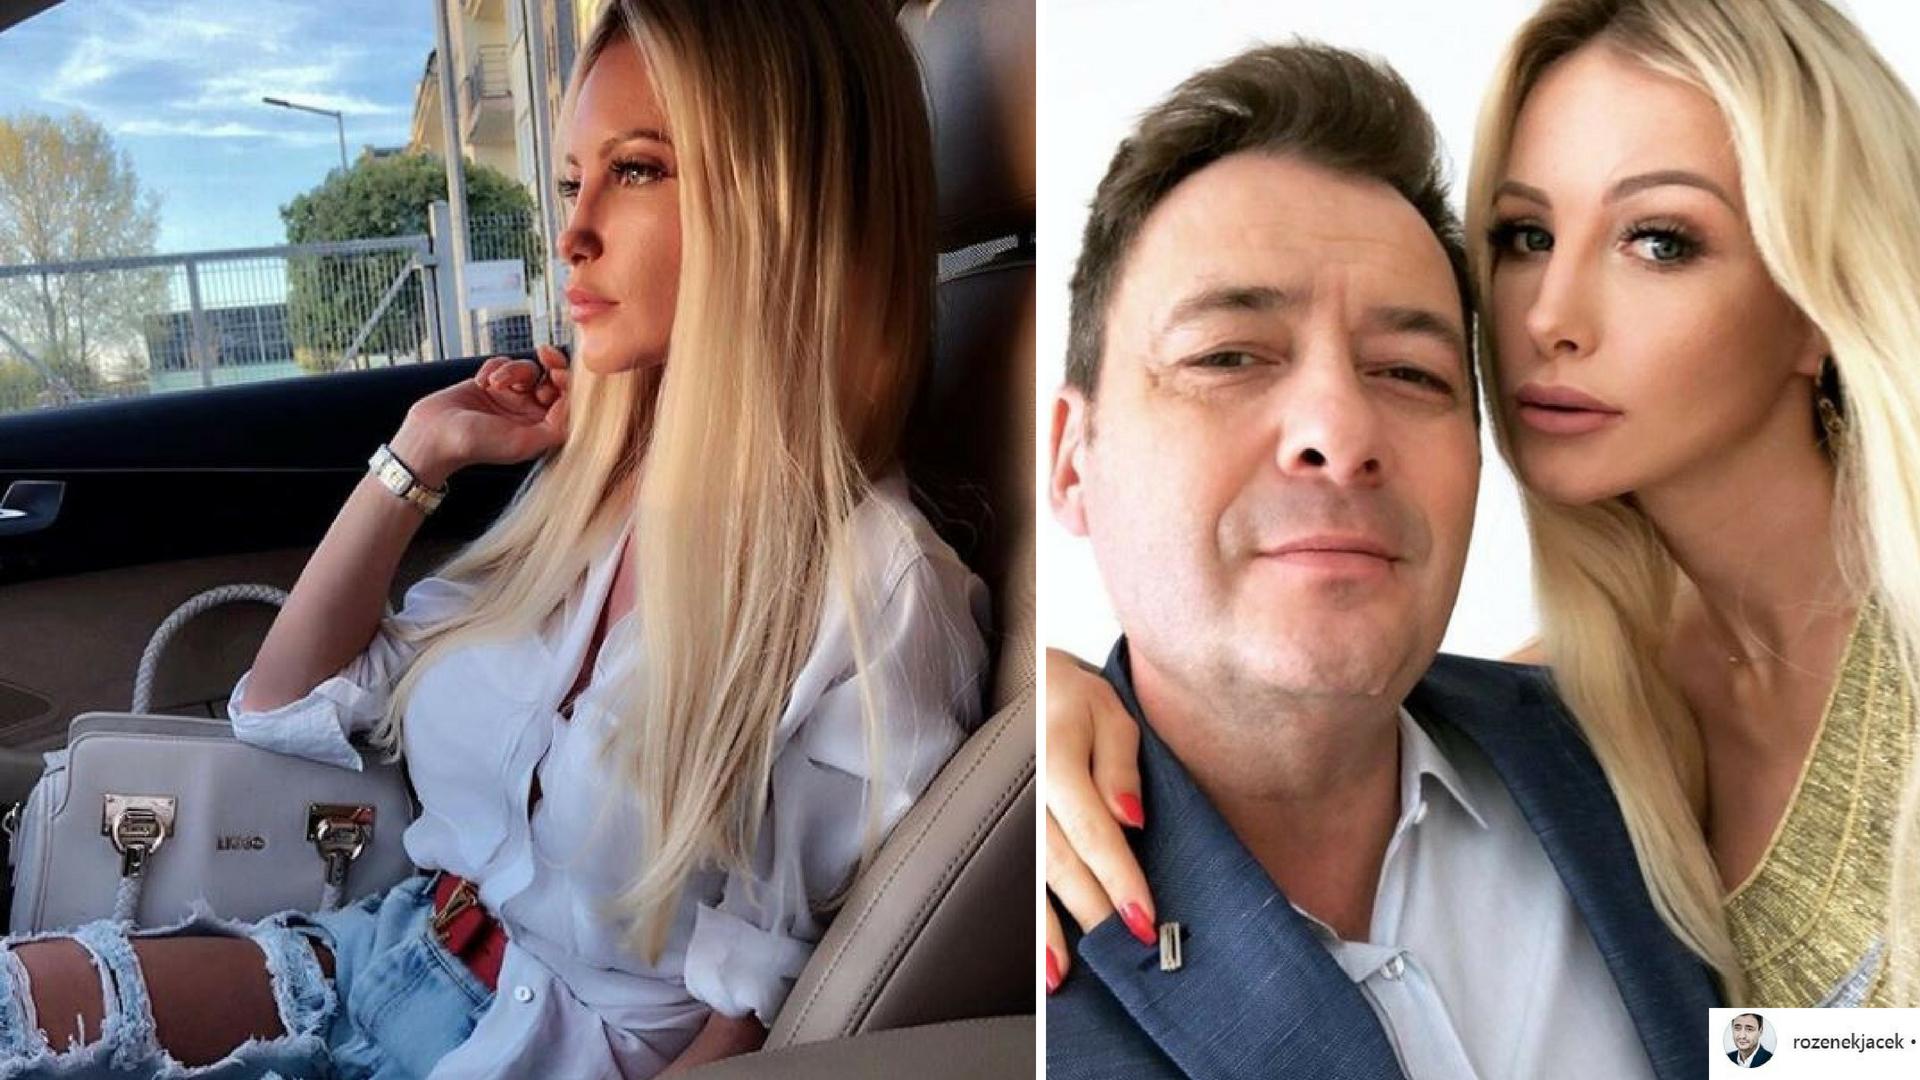 Jacek Rozenek oświadczył się Roxi Gąsce! Cóż za romantyczne zaręczyny